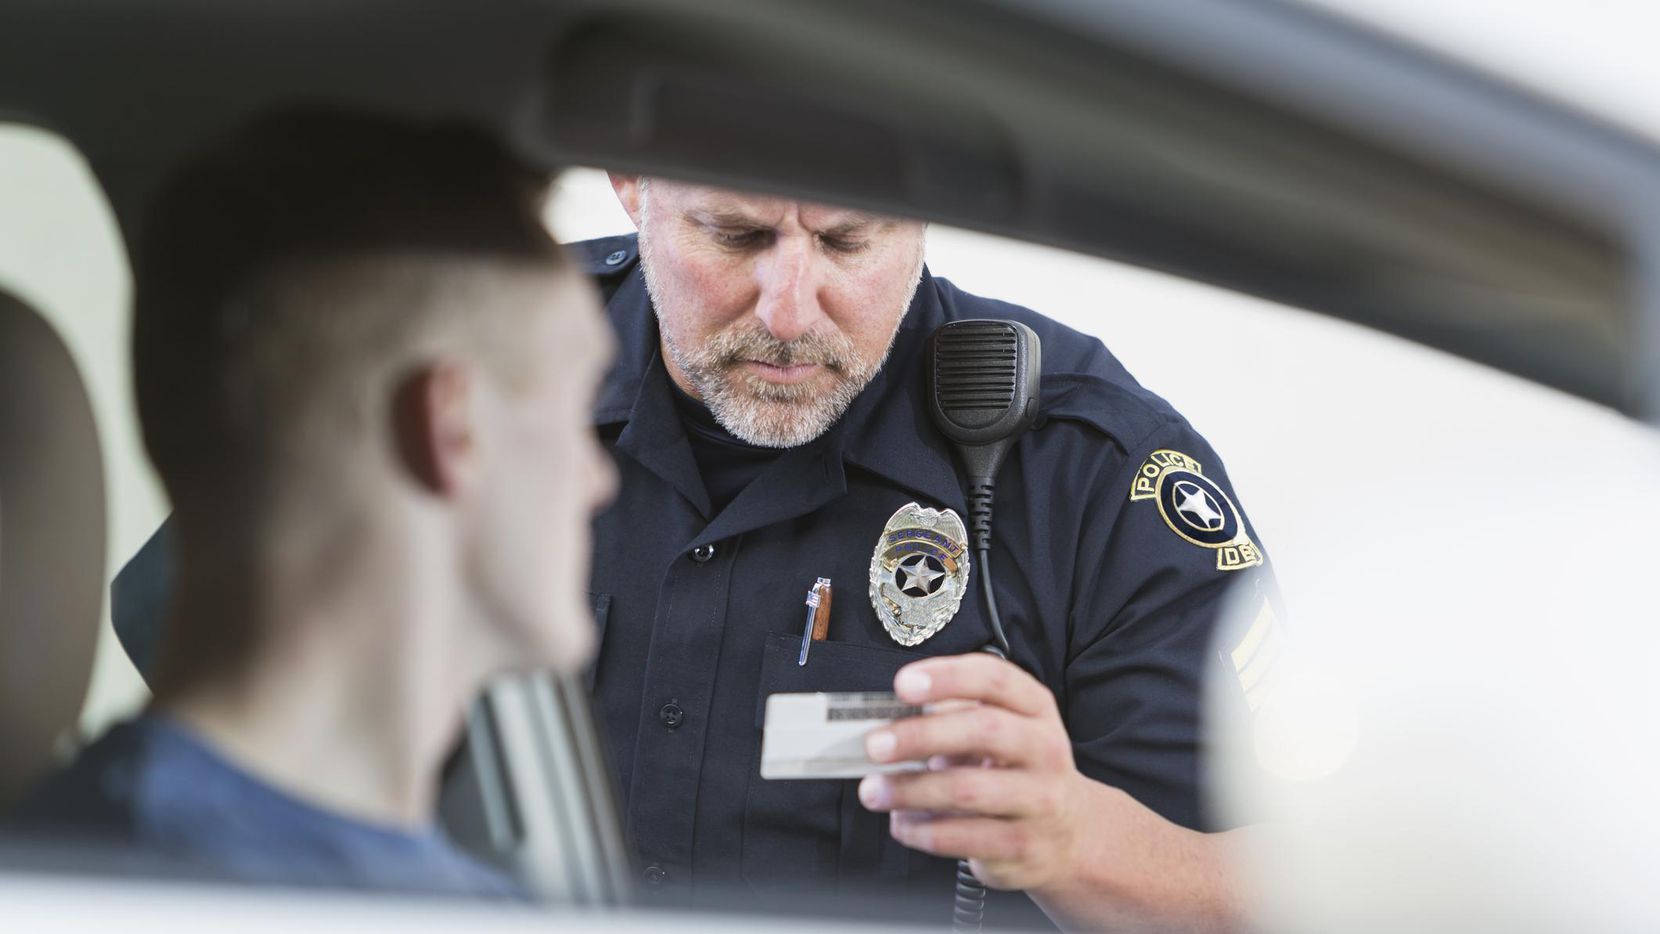 Varias agencias policiales estarán atentas a los conductores ebrios durante el fin de semana del Cuatro de Julio. (GETTY IMAGES/ISTOCK)